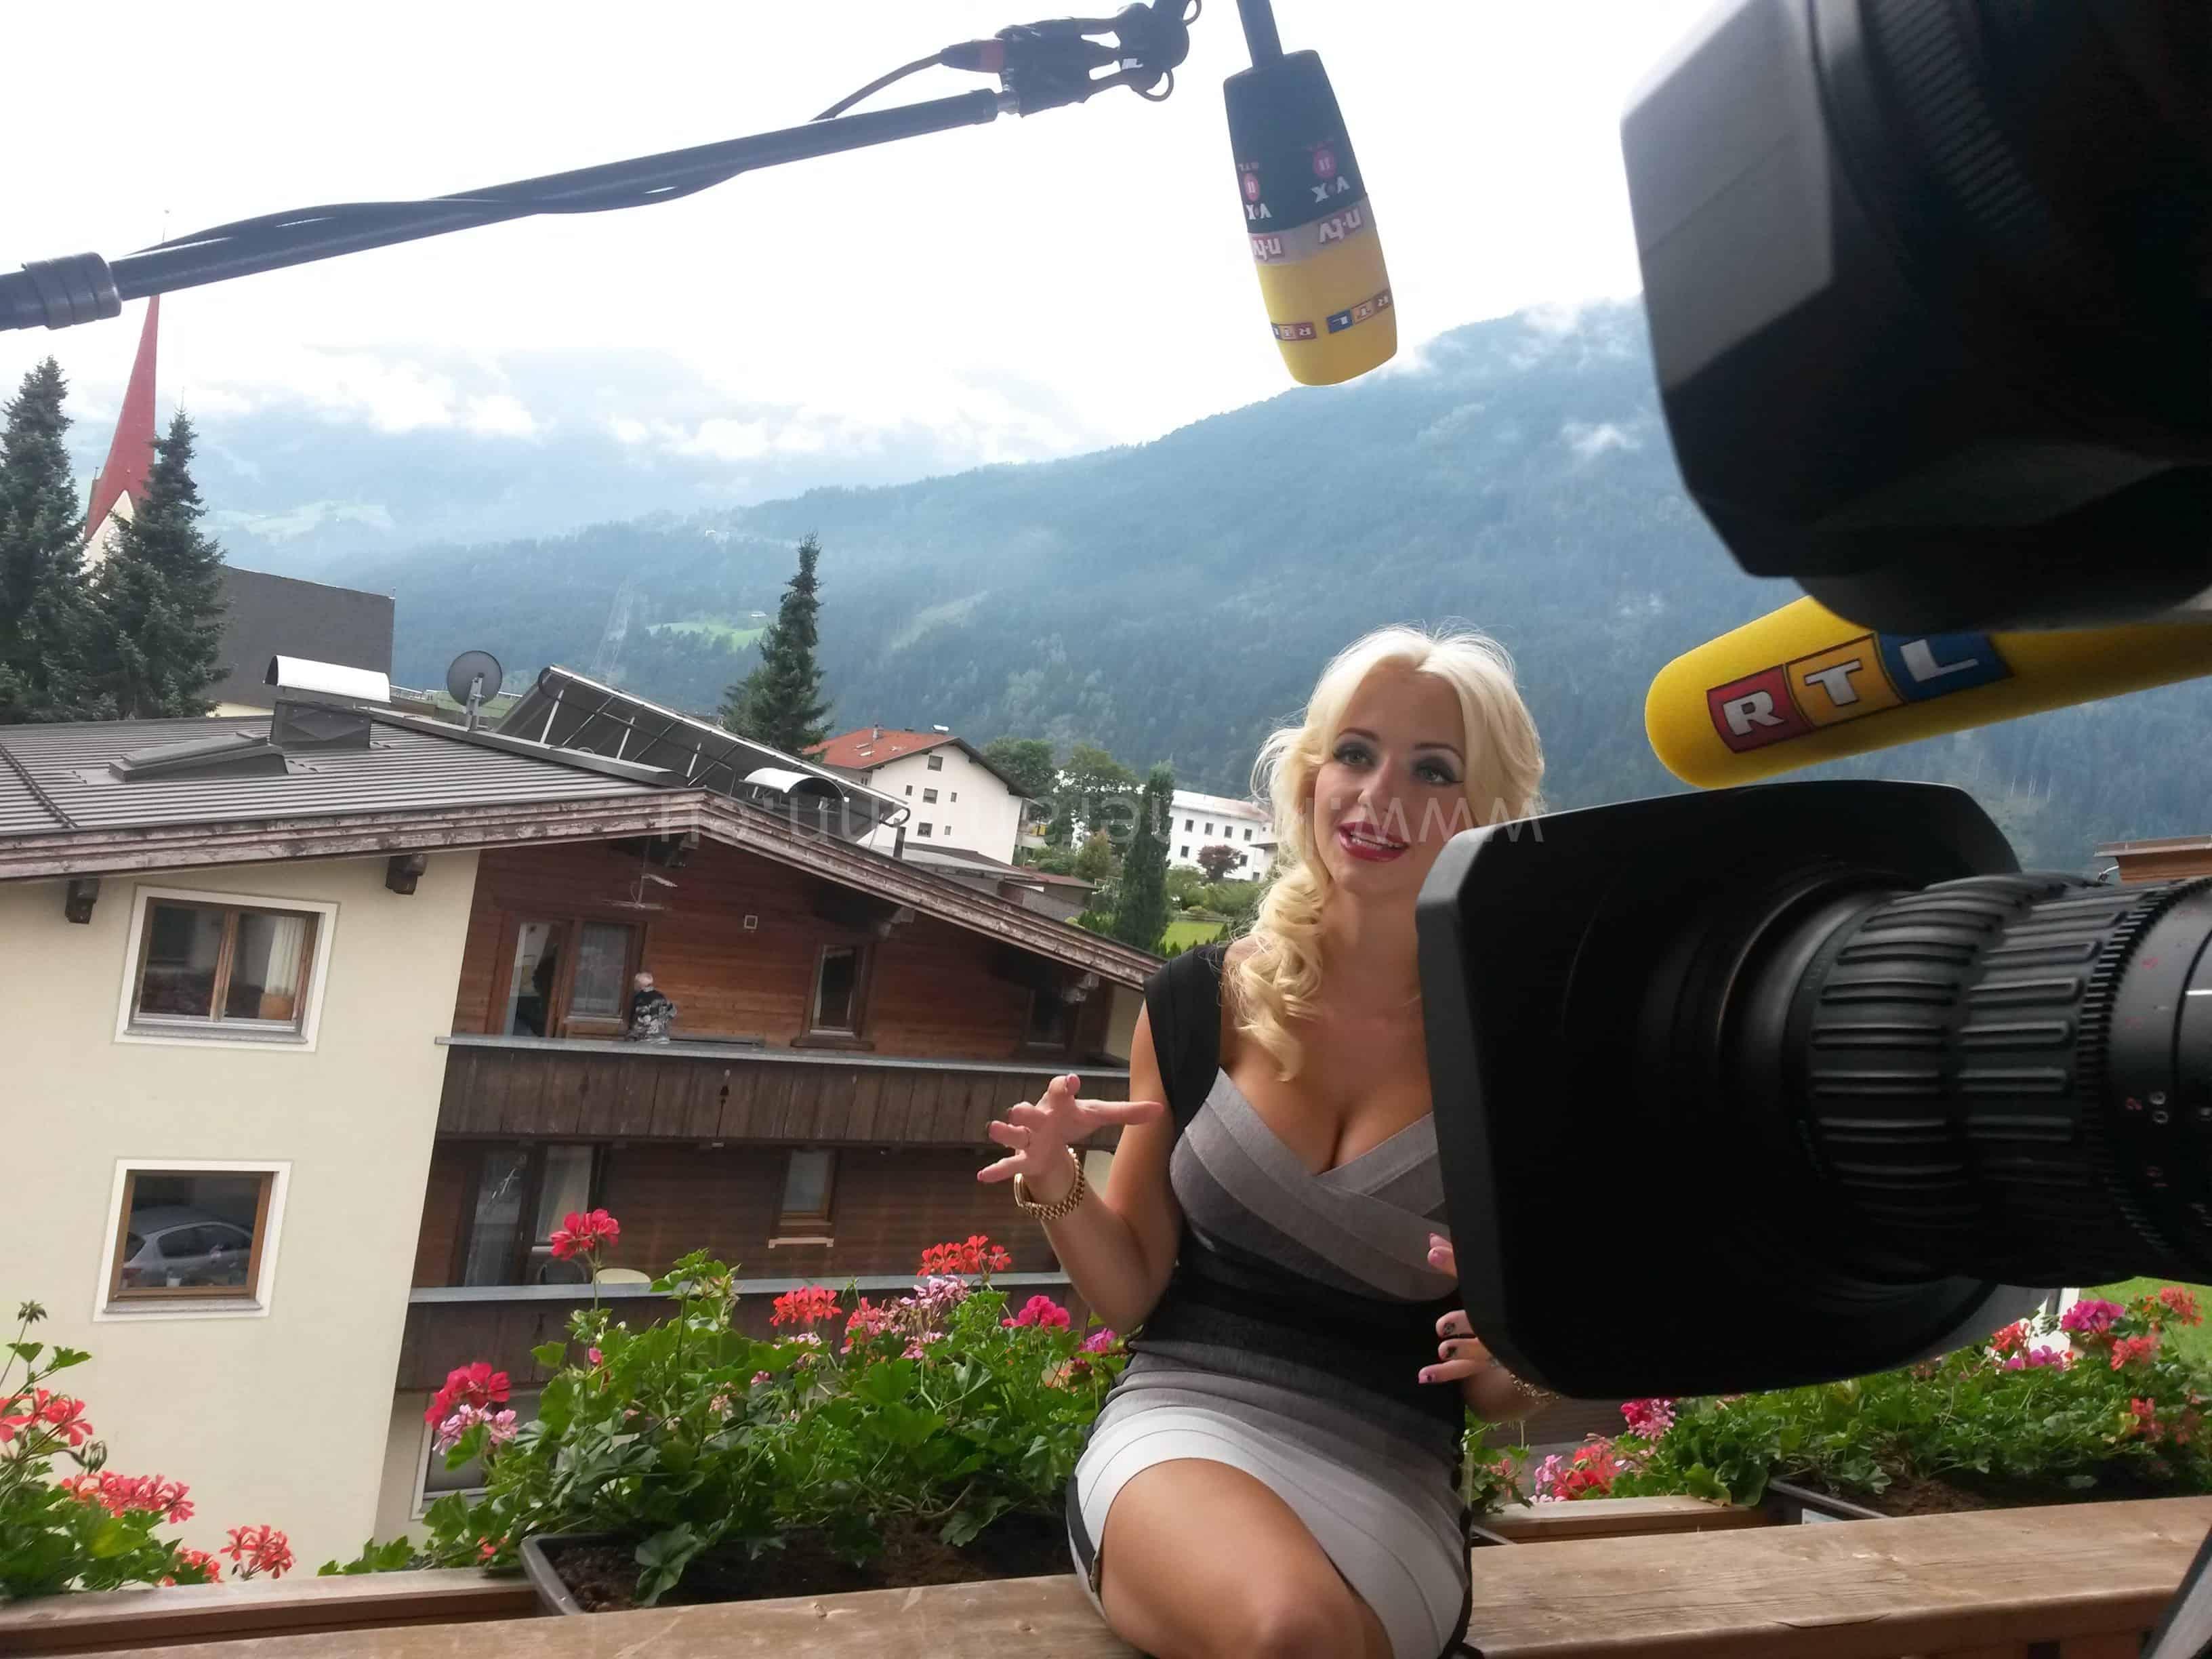 rtl lugner e1442781308558 - RTL -  Dreharbeiten mit Cathy und Richard Lugner